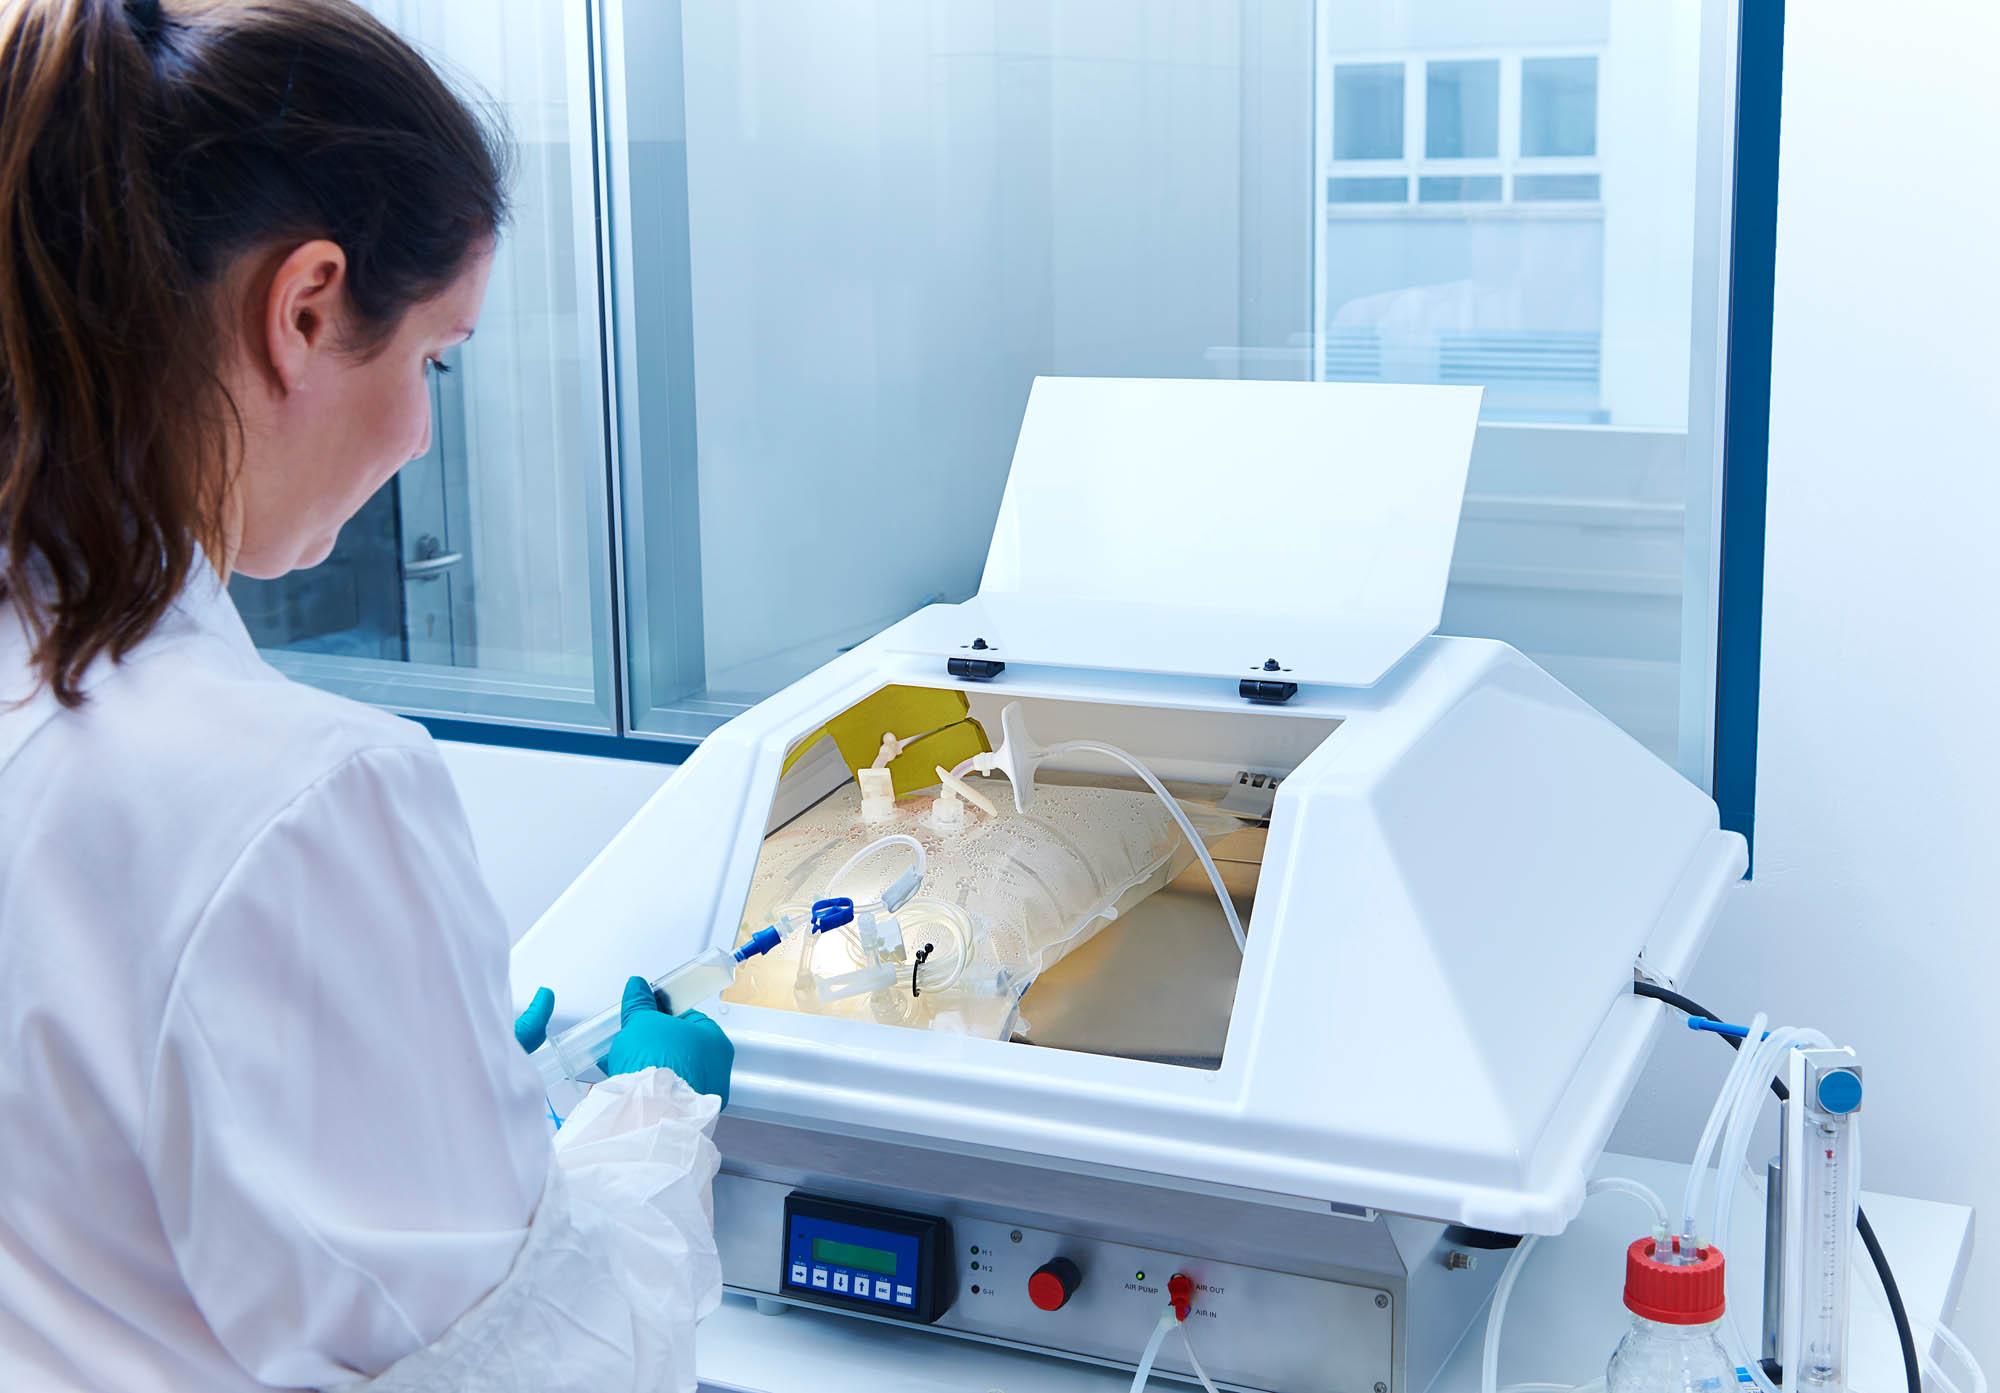 Rentschler 0874 - Rentschler Biotechnologie: Bilder für die Unternehmenskommunikation